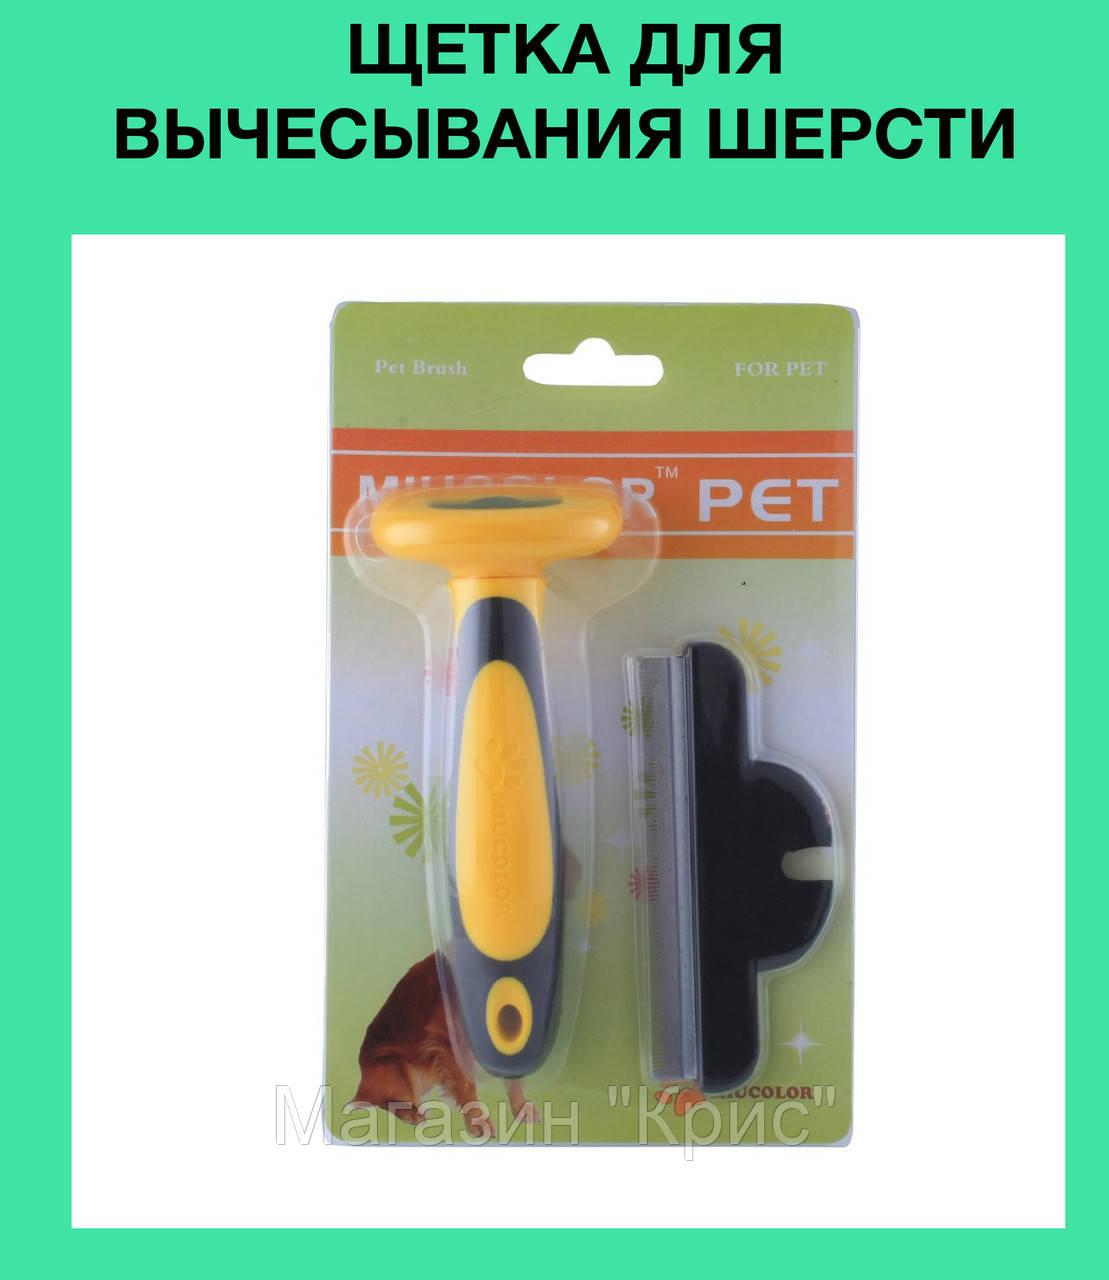 """Pet Care 4inch щетка для вычесывания шерсти у животных!Опт - Магазин """"Крис"""" в Одессе"""